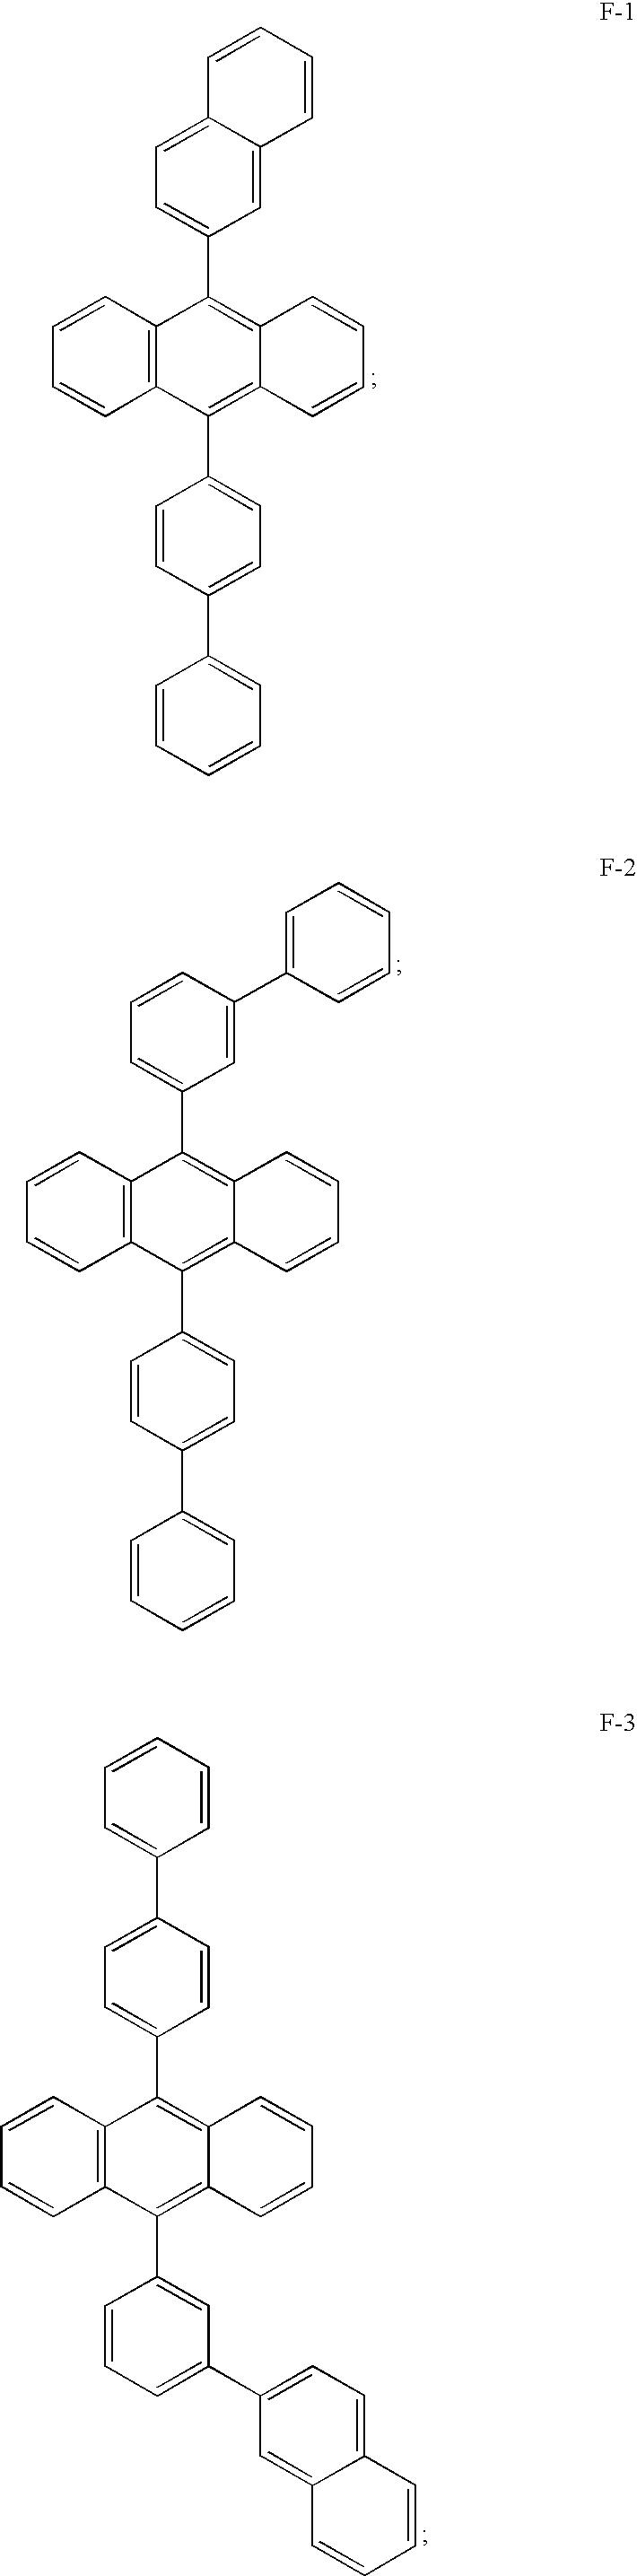 Figure US20090115316A1-20090507-C00013